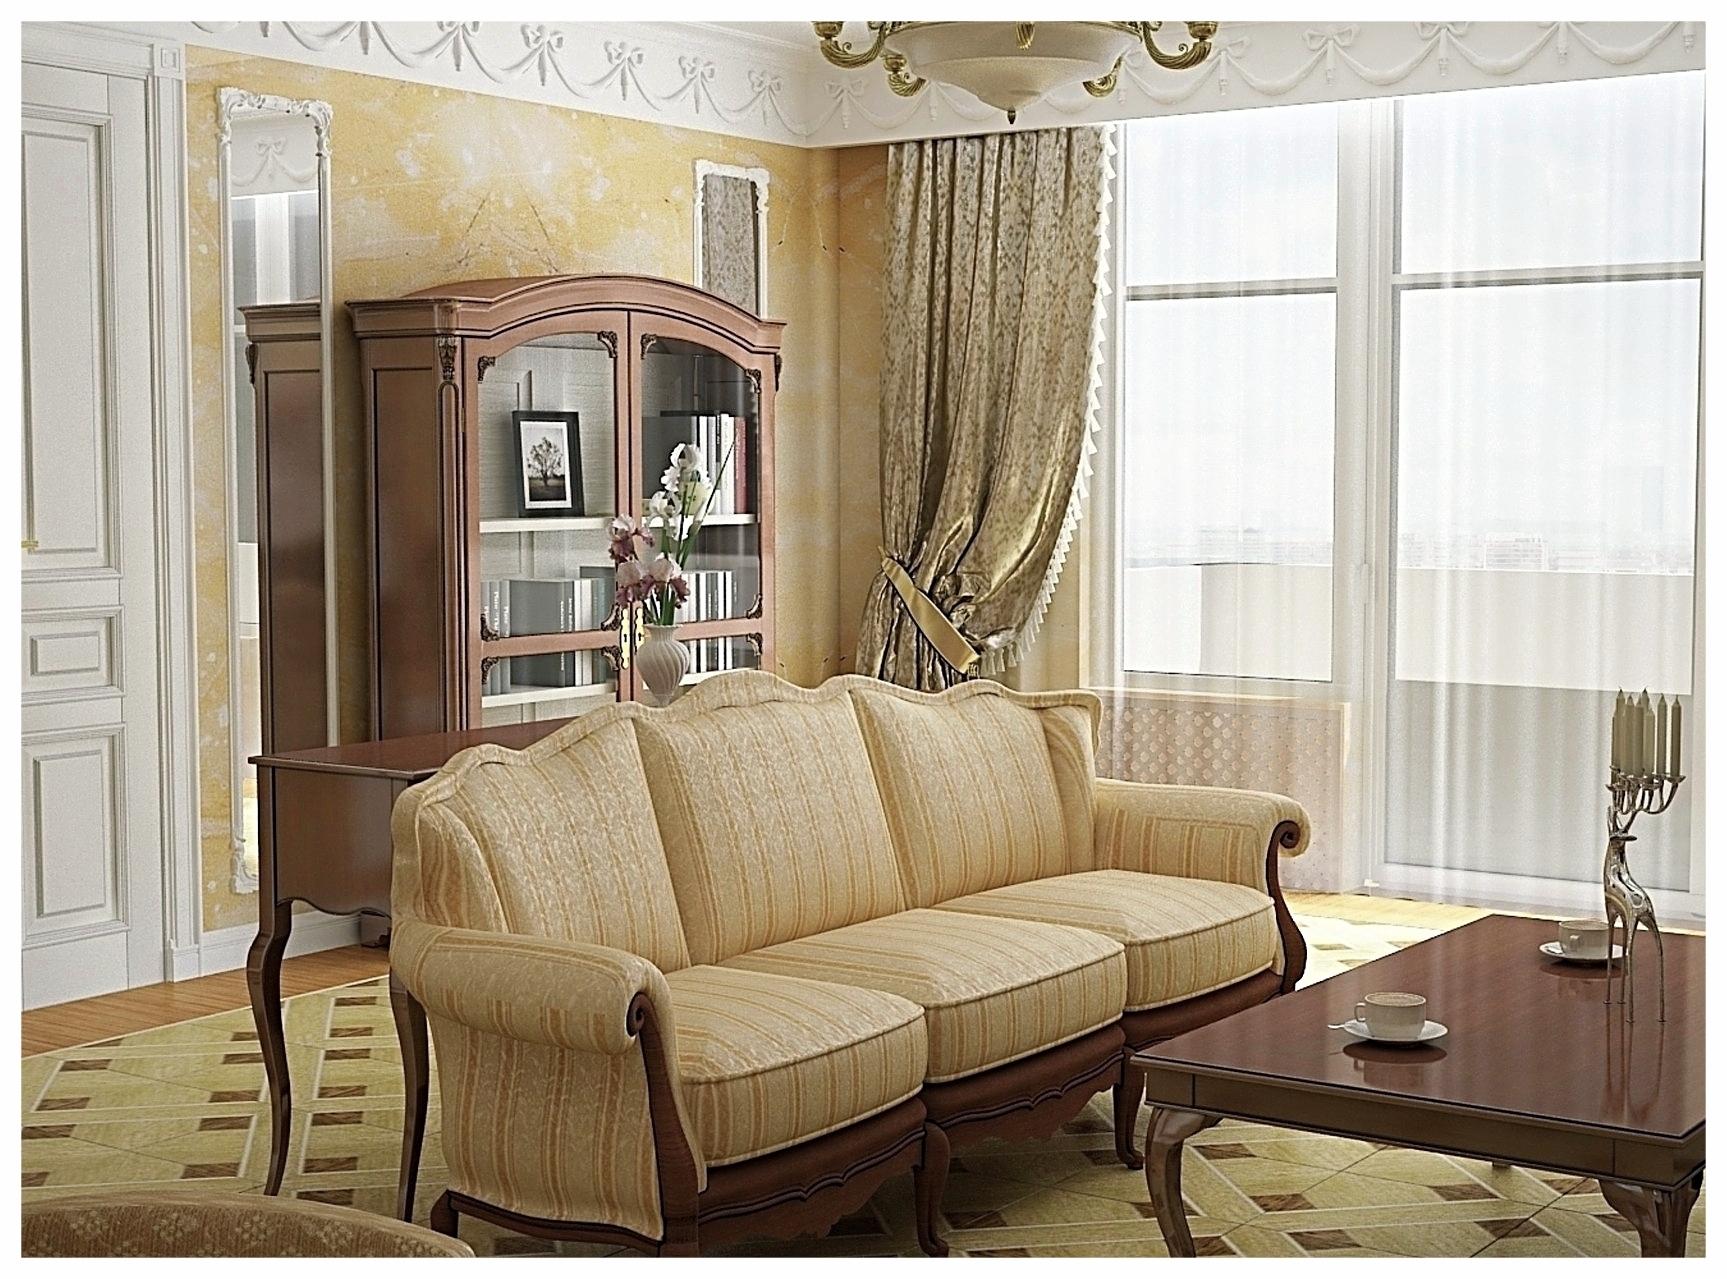 Дизайн интерьеров квартиры в дворцовом стиле. Гостиная 1.